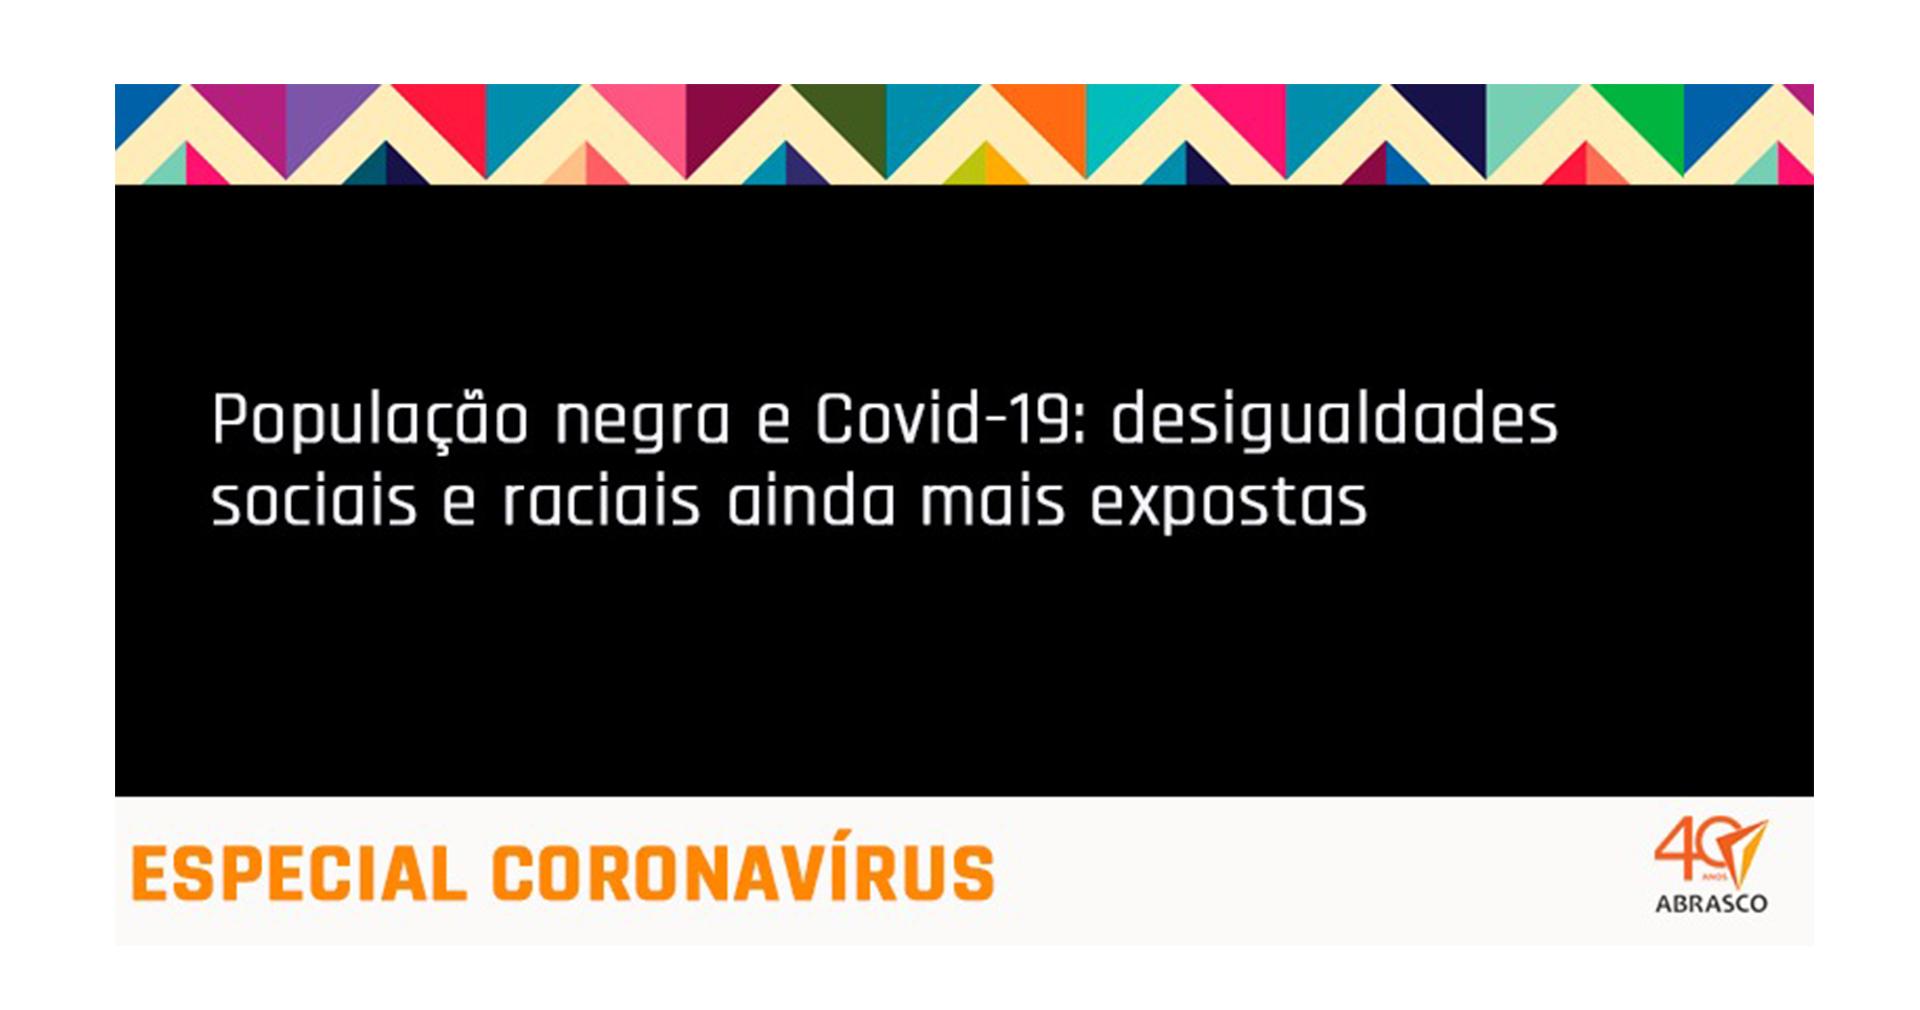 População negra e Covid-19: desigualdades sociais e raciais ainda mais expostas